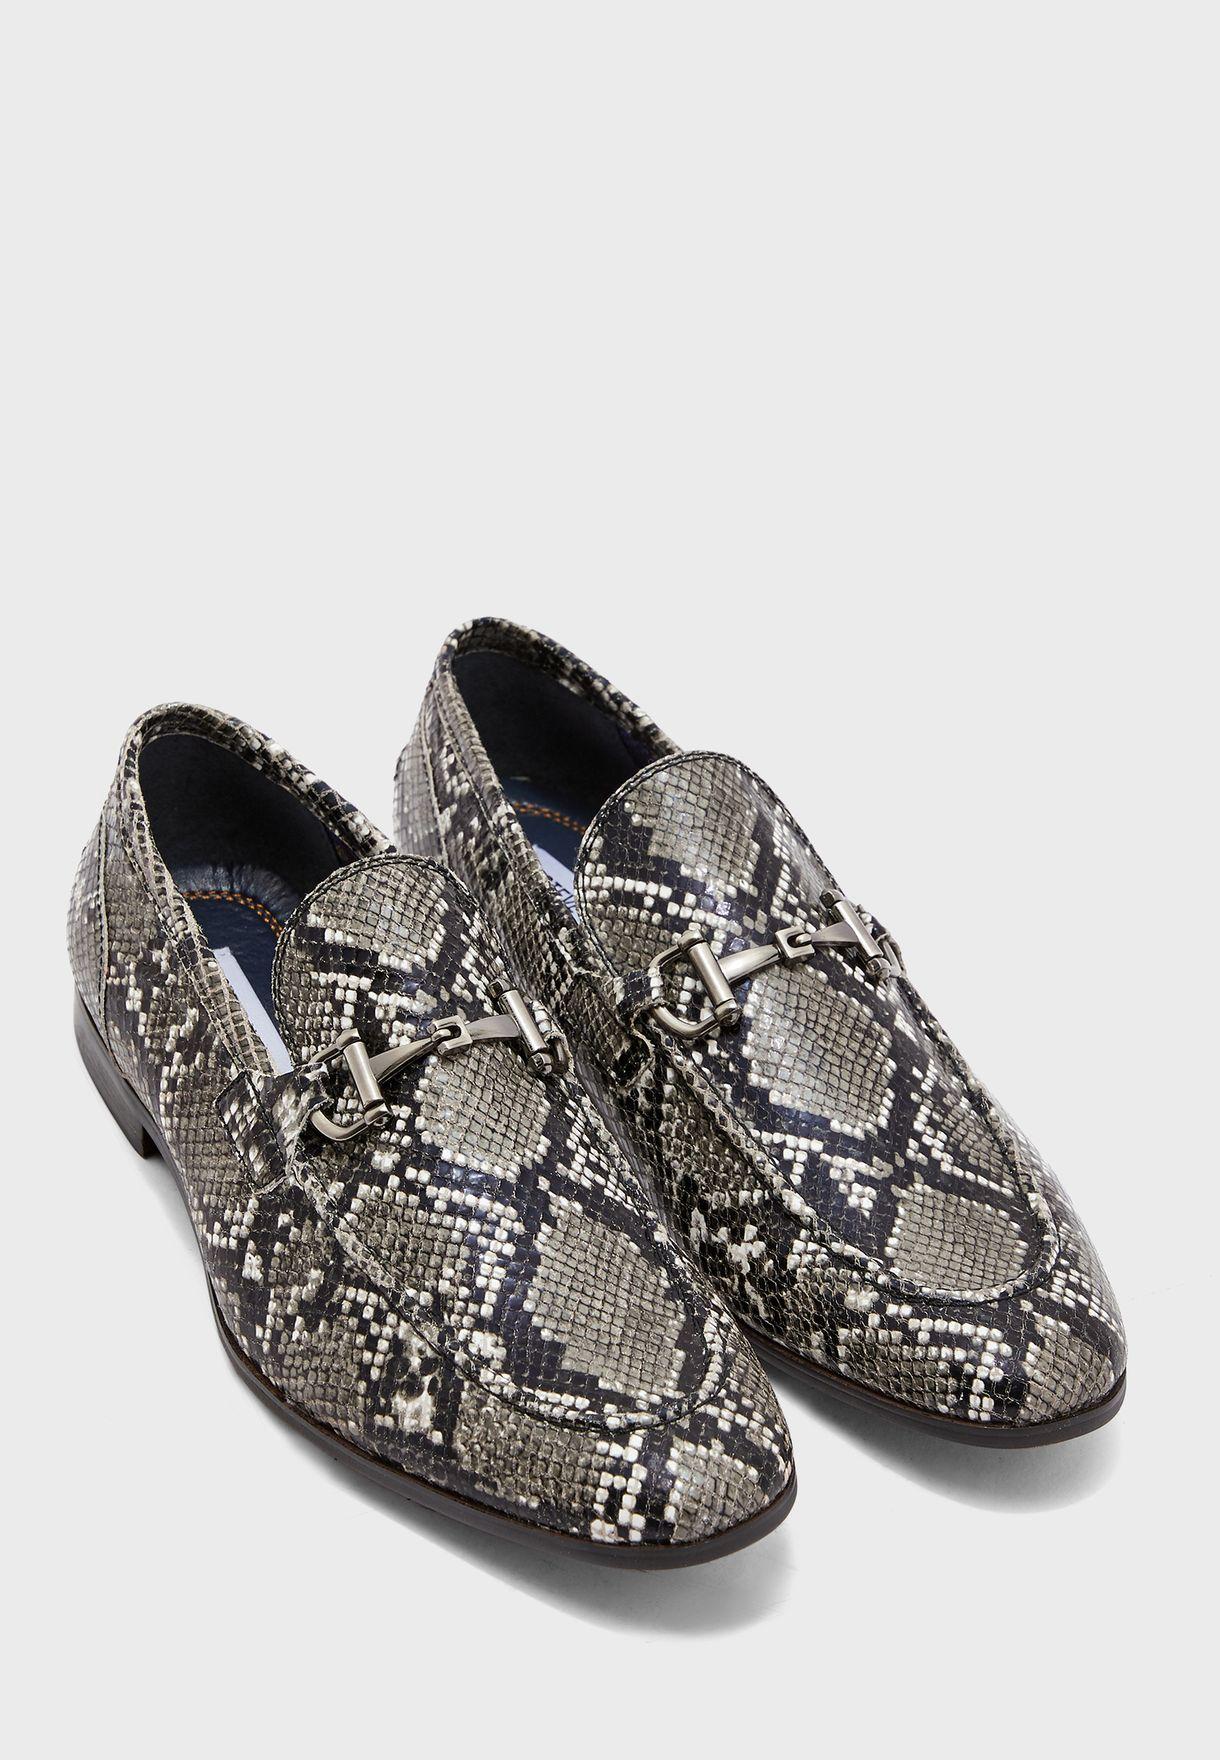 Debinair Snake Print Loafers